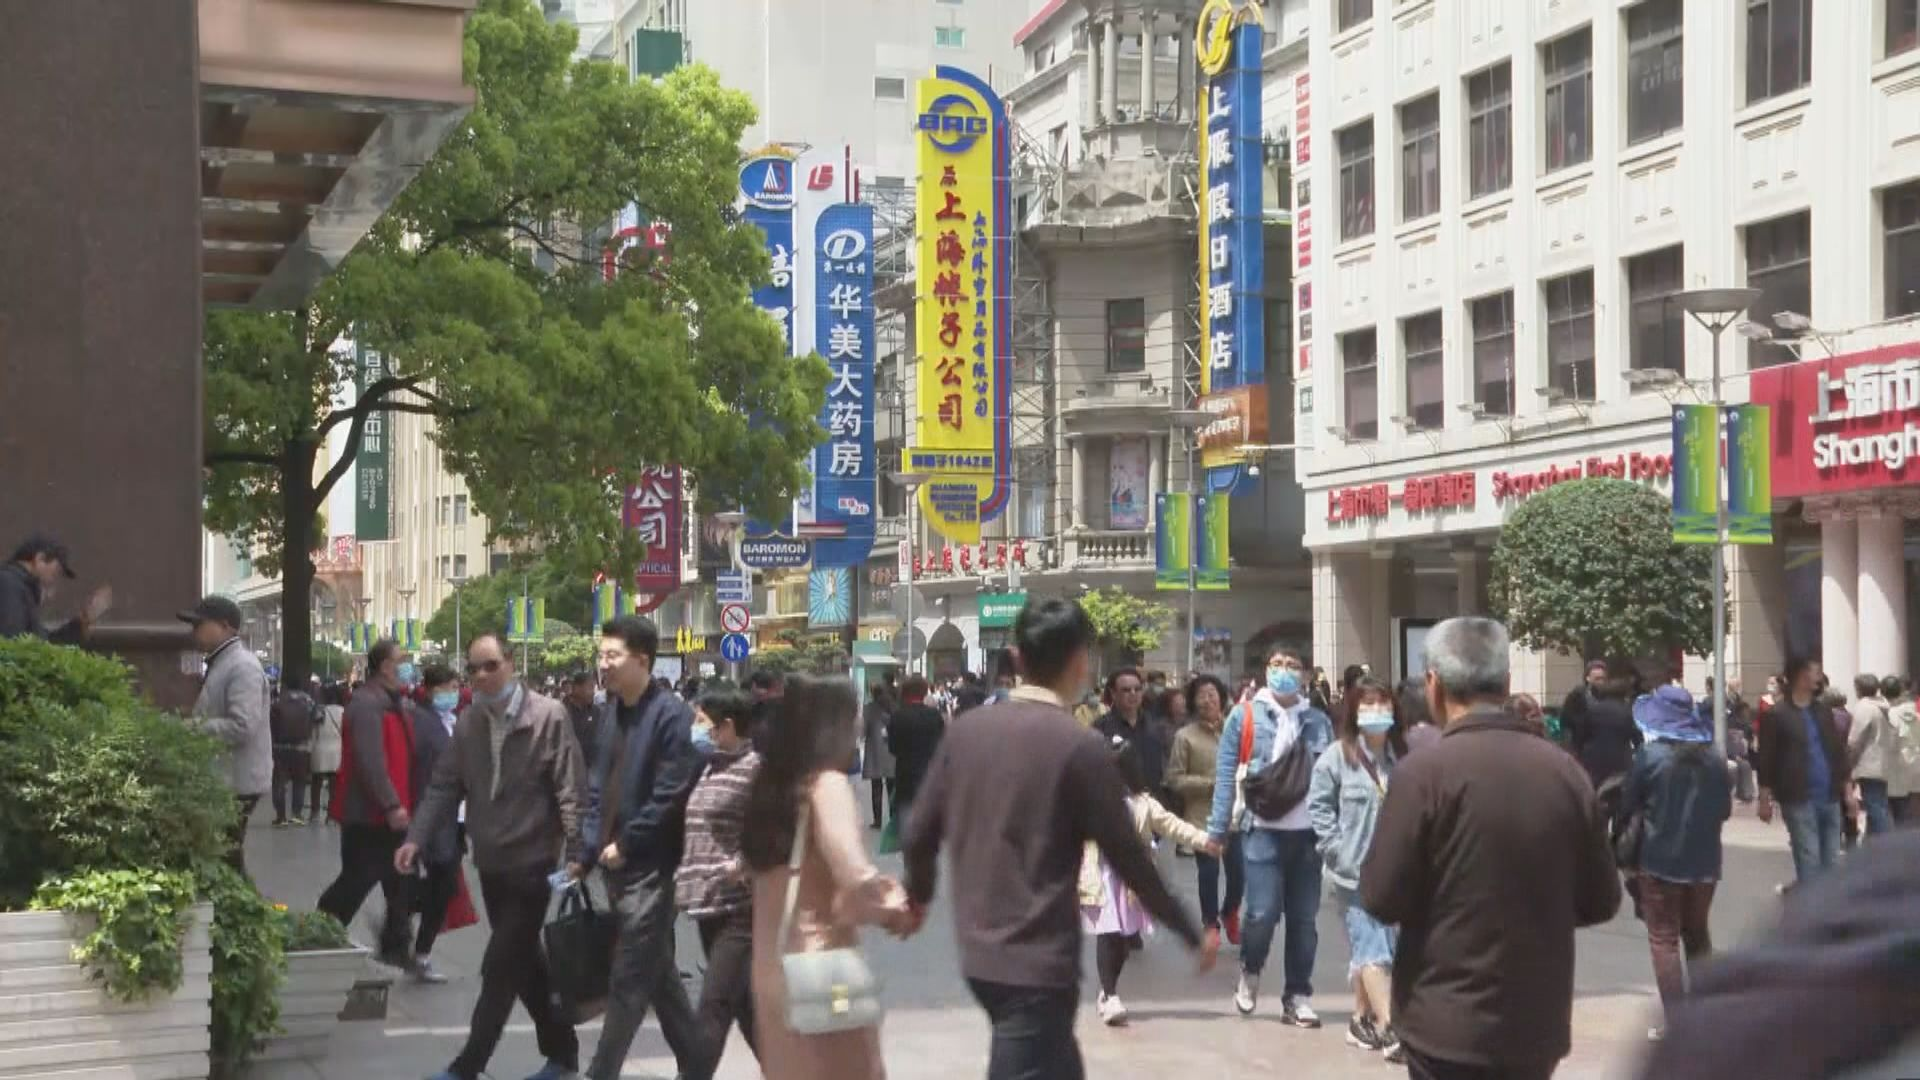 上海市消保委約談美團拼多多 有關保護消費者權益問題